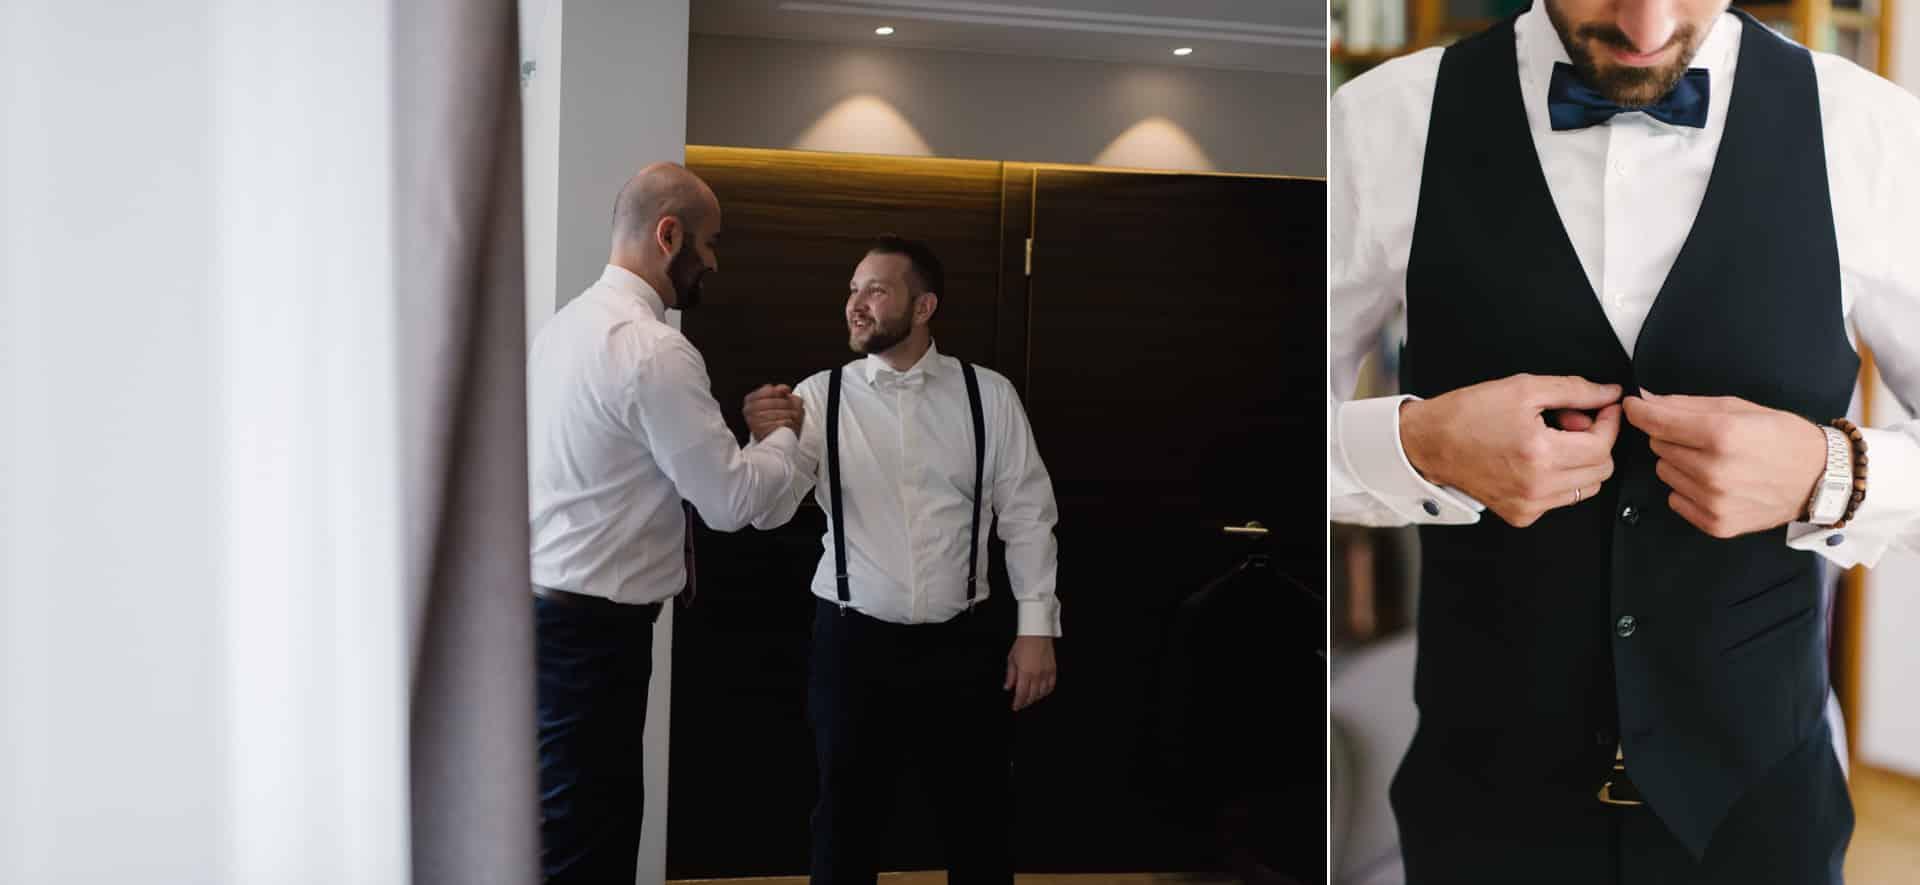 Bräutigam und sein Trauzeuge freuen sich auf den Hochzeitstag.